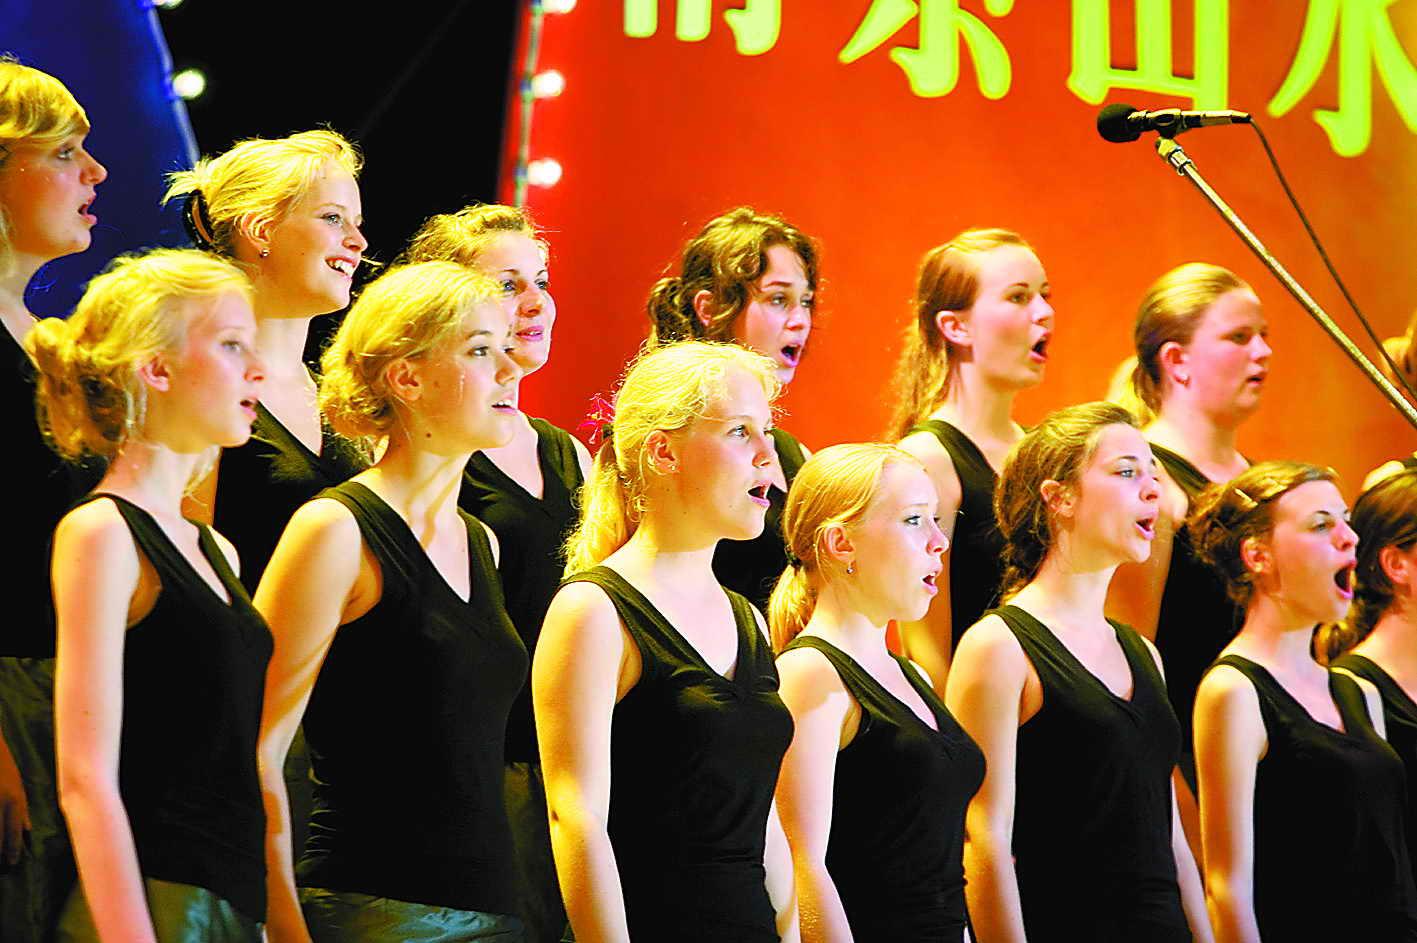 钢琴伴奏 示范演唱yhn 童声合唱 乘着歌声的翅膀